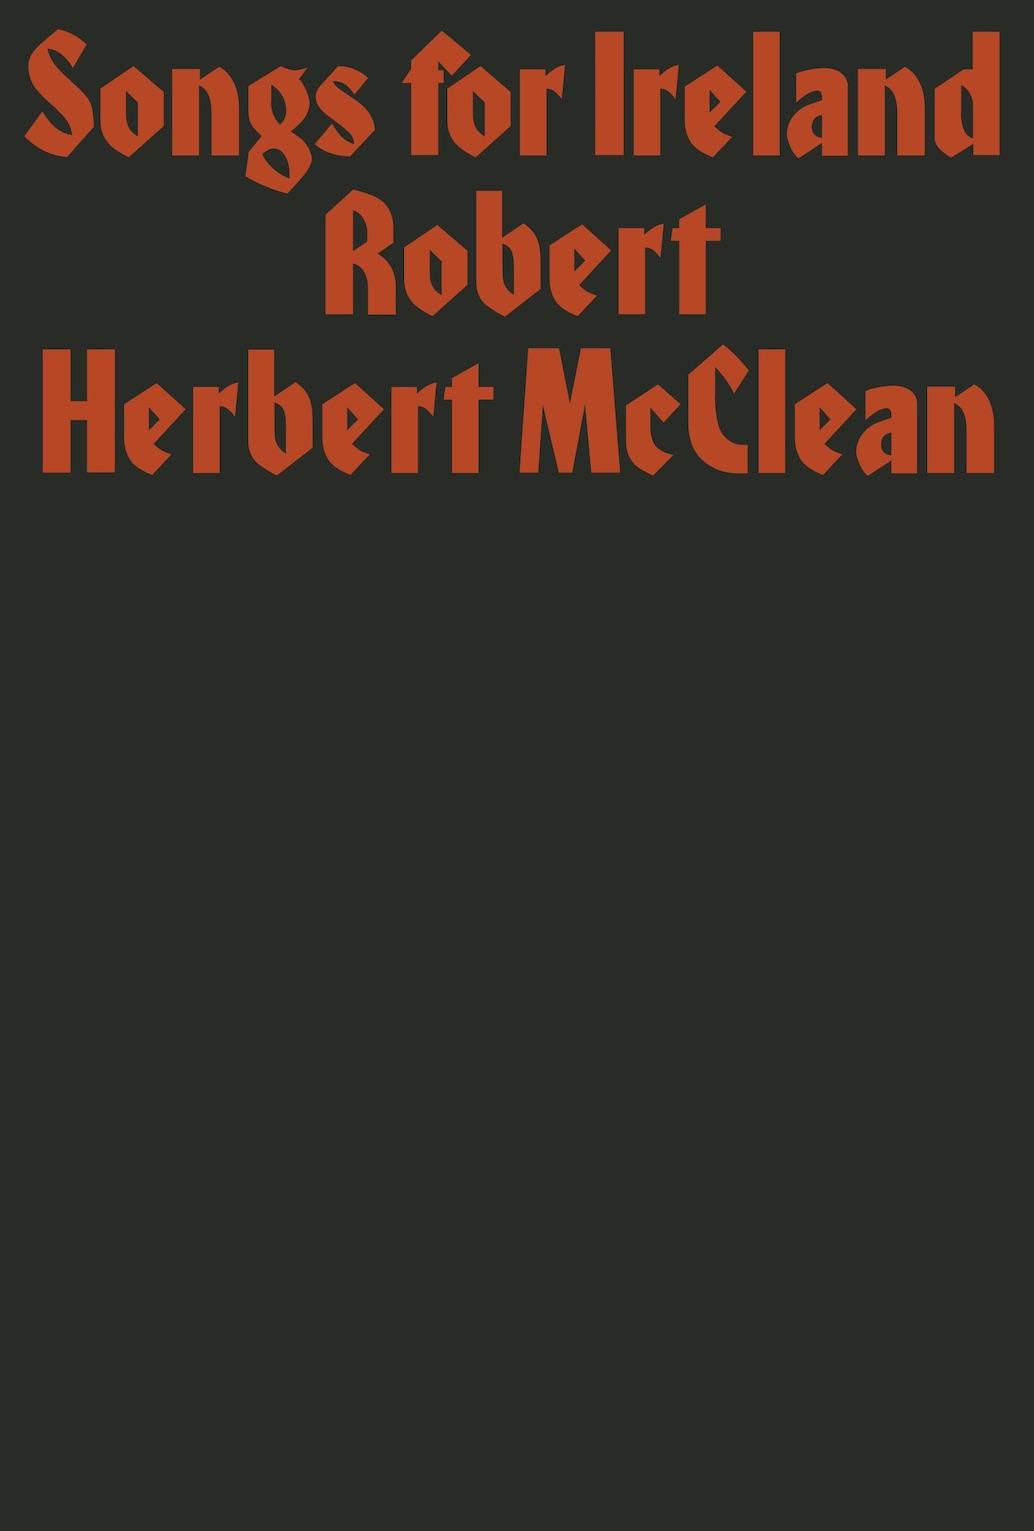 Robert Herbert McClean, Songs for Ireland. Prototype